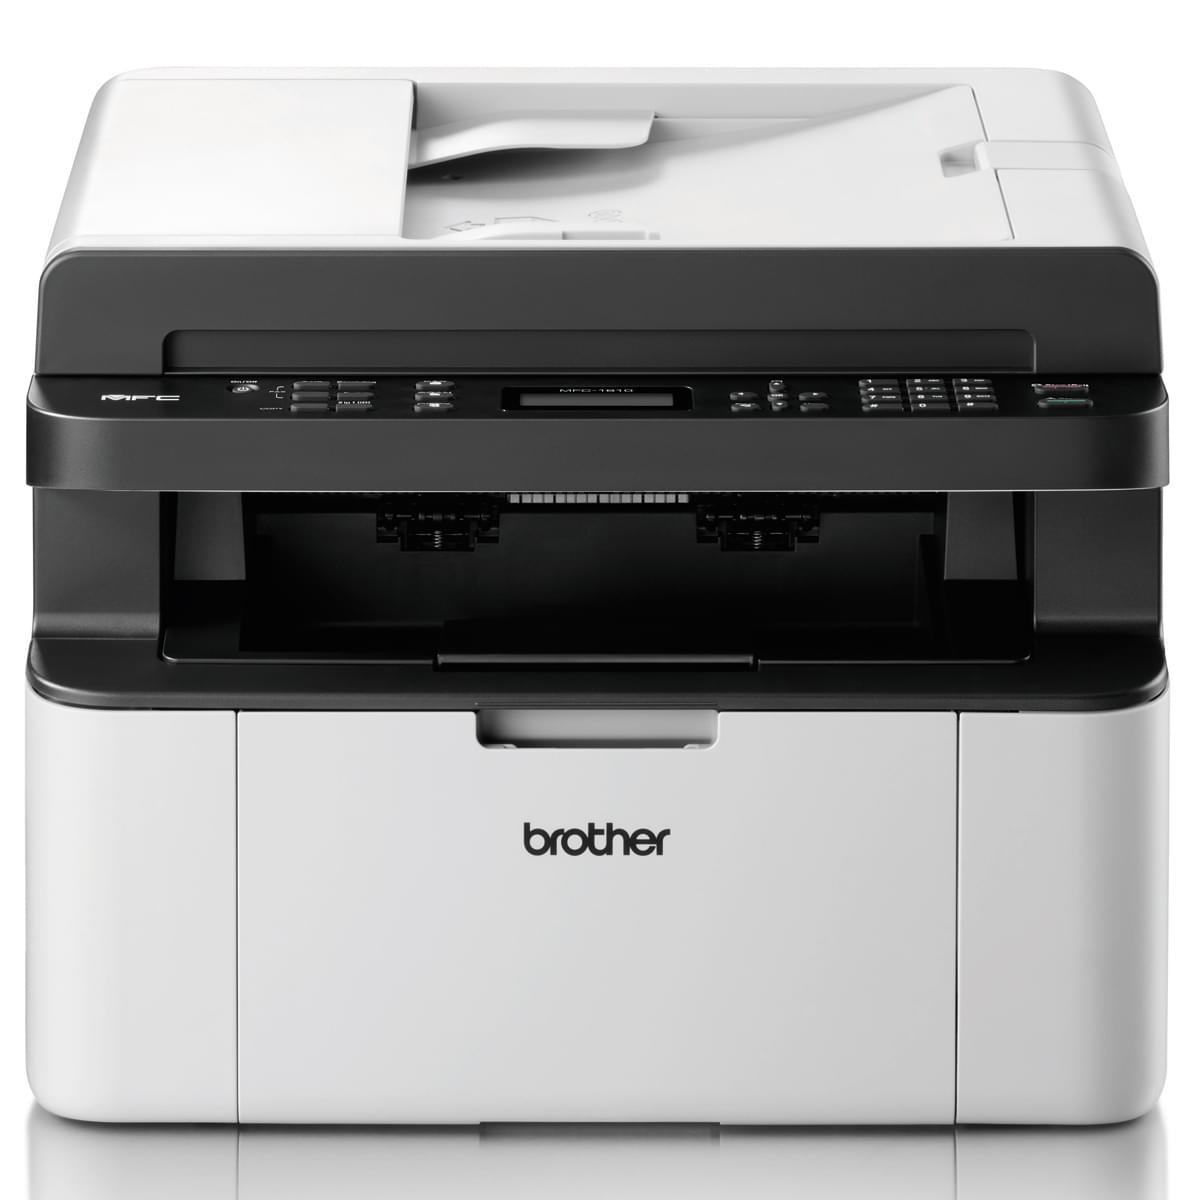 Imprimante multifonction Brother MFC-1810 - Cybertek.fr - 0